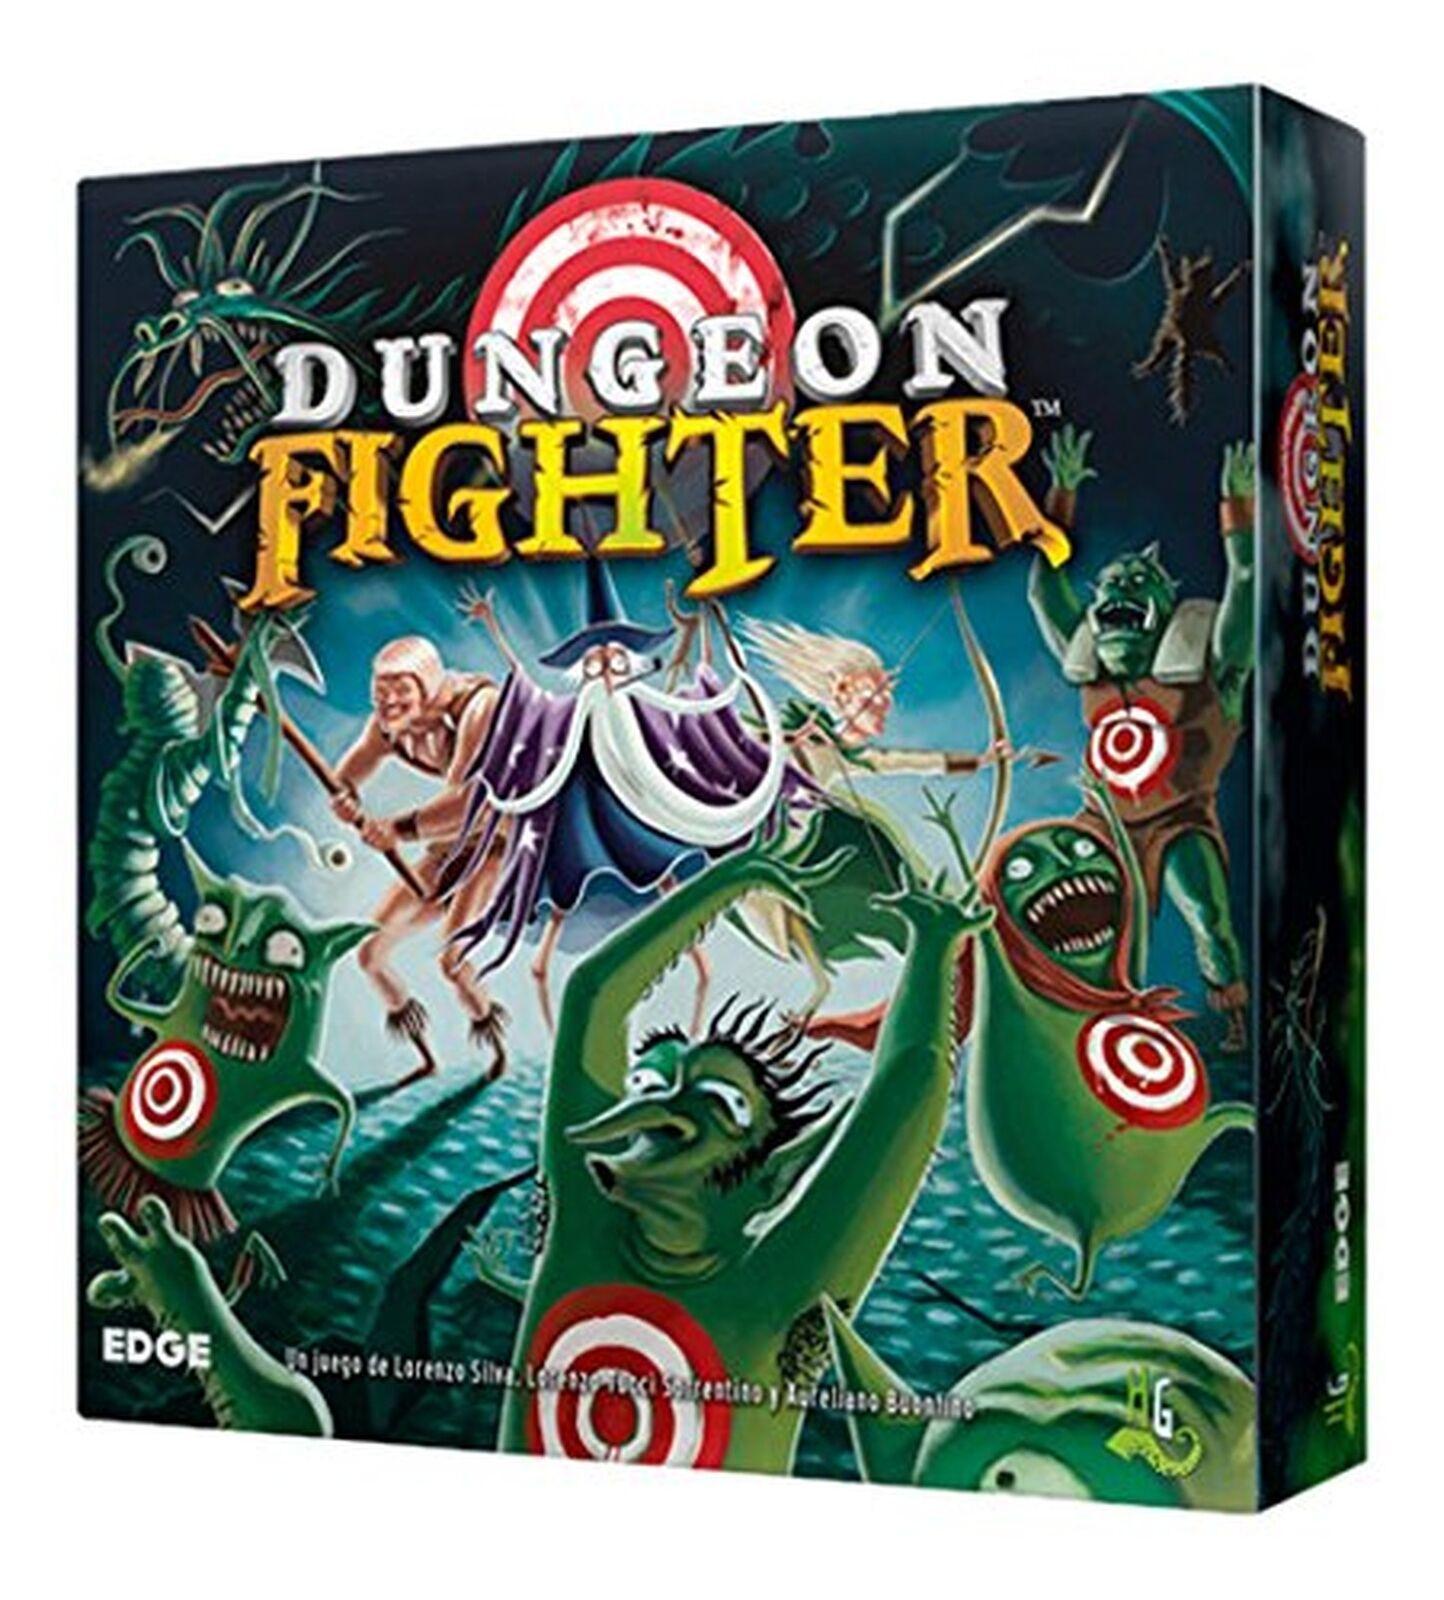 Dungeon  FIGHTER Gioco da tavolo (bordo Entertainment edgdf 01)  garanzia di qualità